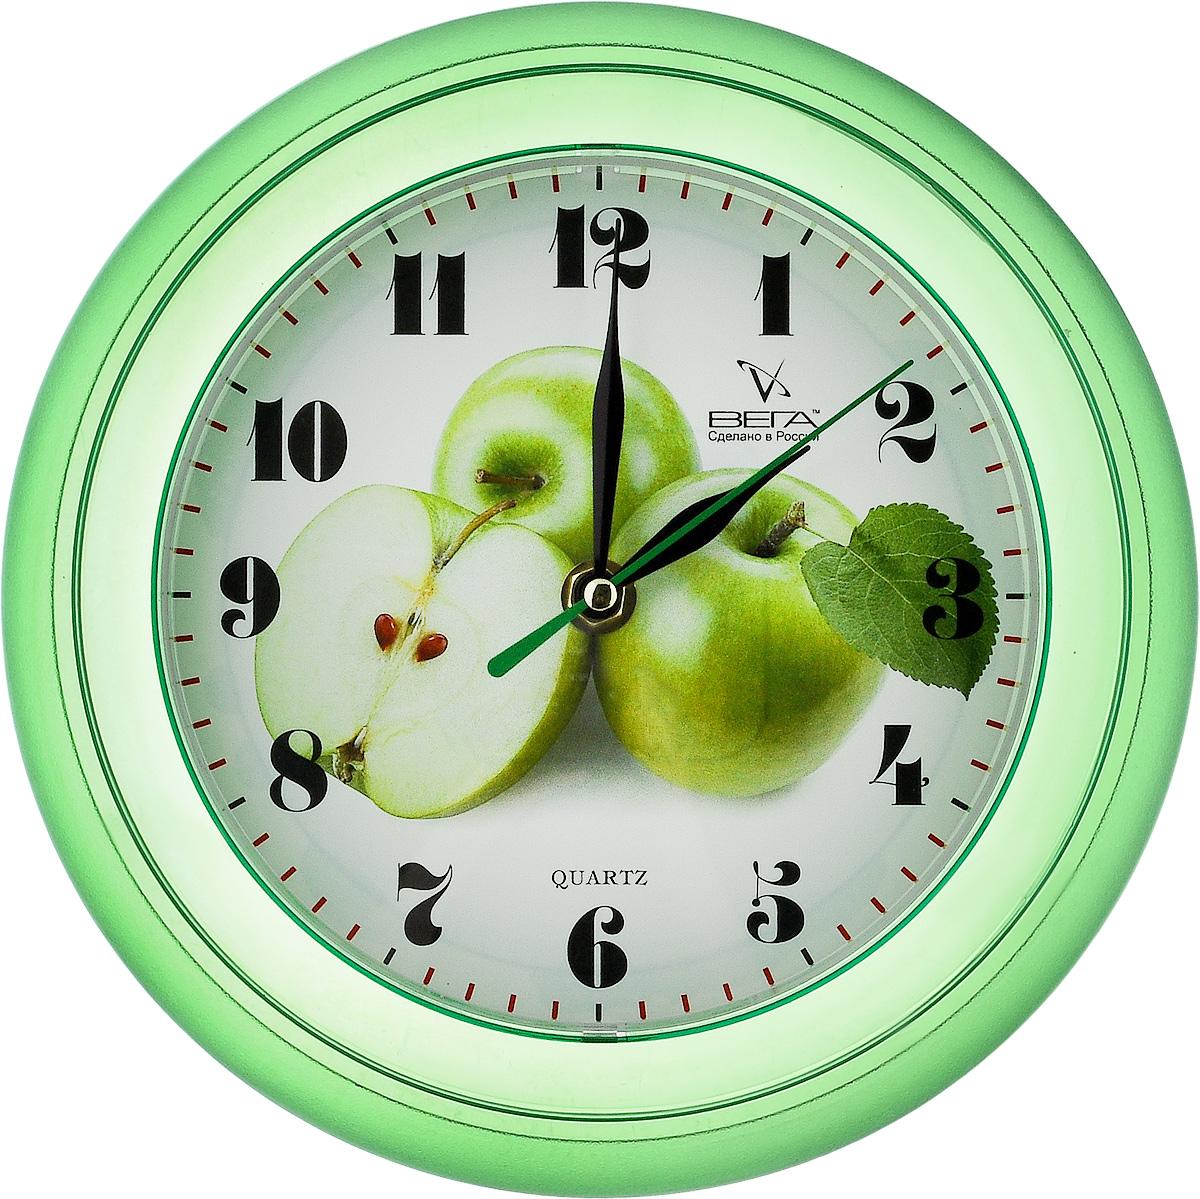 Часы настенные Вега Яблоки, диаметр 22,5 смП3-7-51Настенные кварцевые часы Вега Яблоки, изготовленные из пластика, прекрасно впишутся в интерьер вашего дома. Круглые часы имеют три стрелки: часовую, минутную и секундную, циферблат защищен прозрачным стеклом. Часы работают от 1 батарейки типа АА напряжением 1,5 В (не входит в комплект). Диаметр часов: 22,5 см.